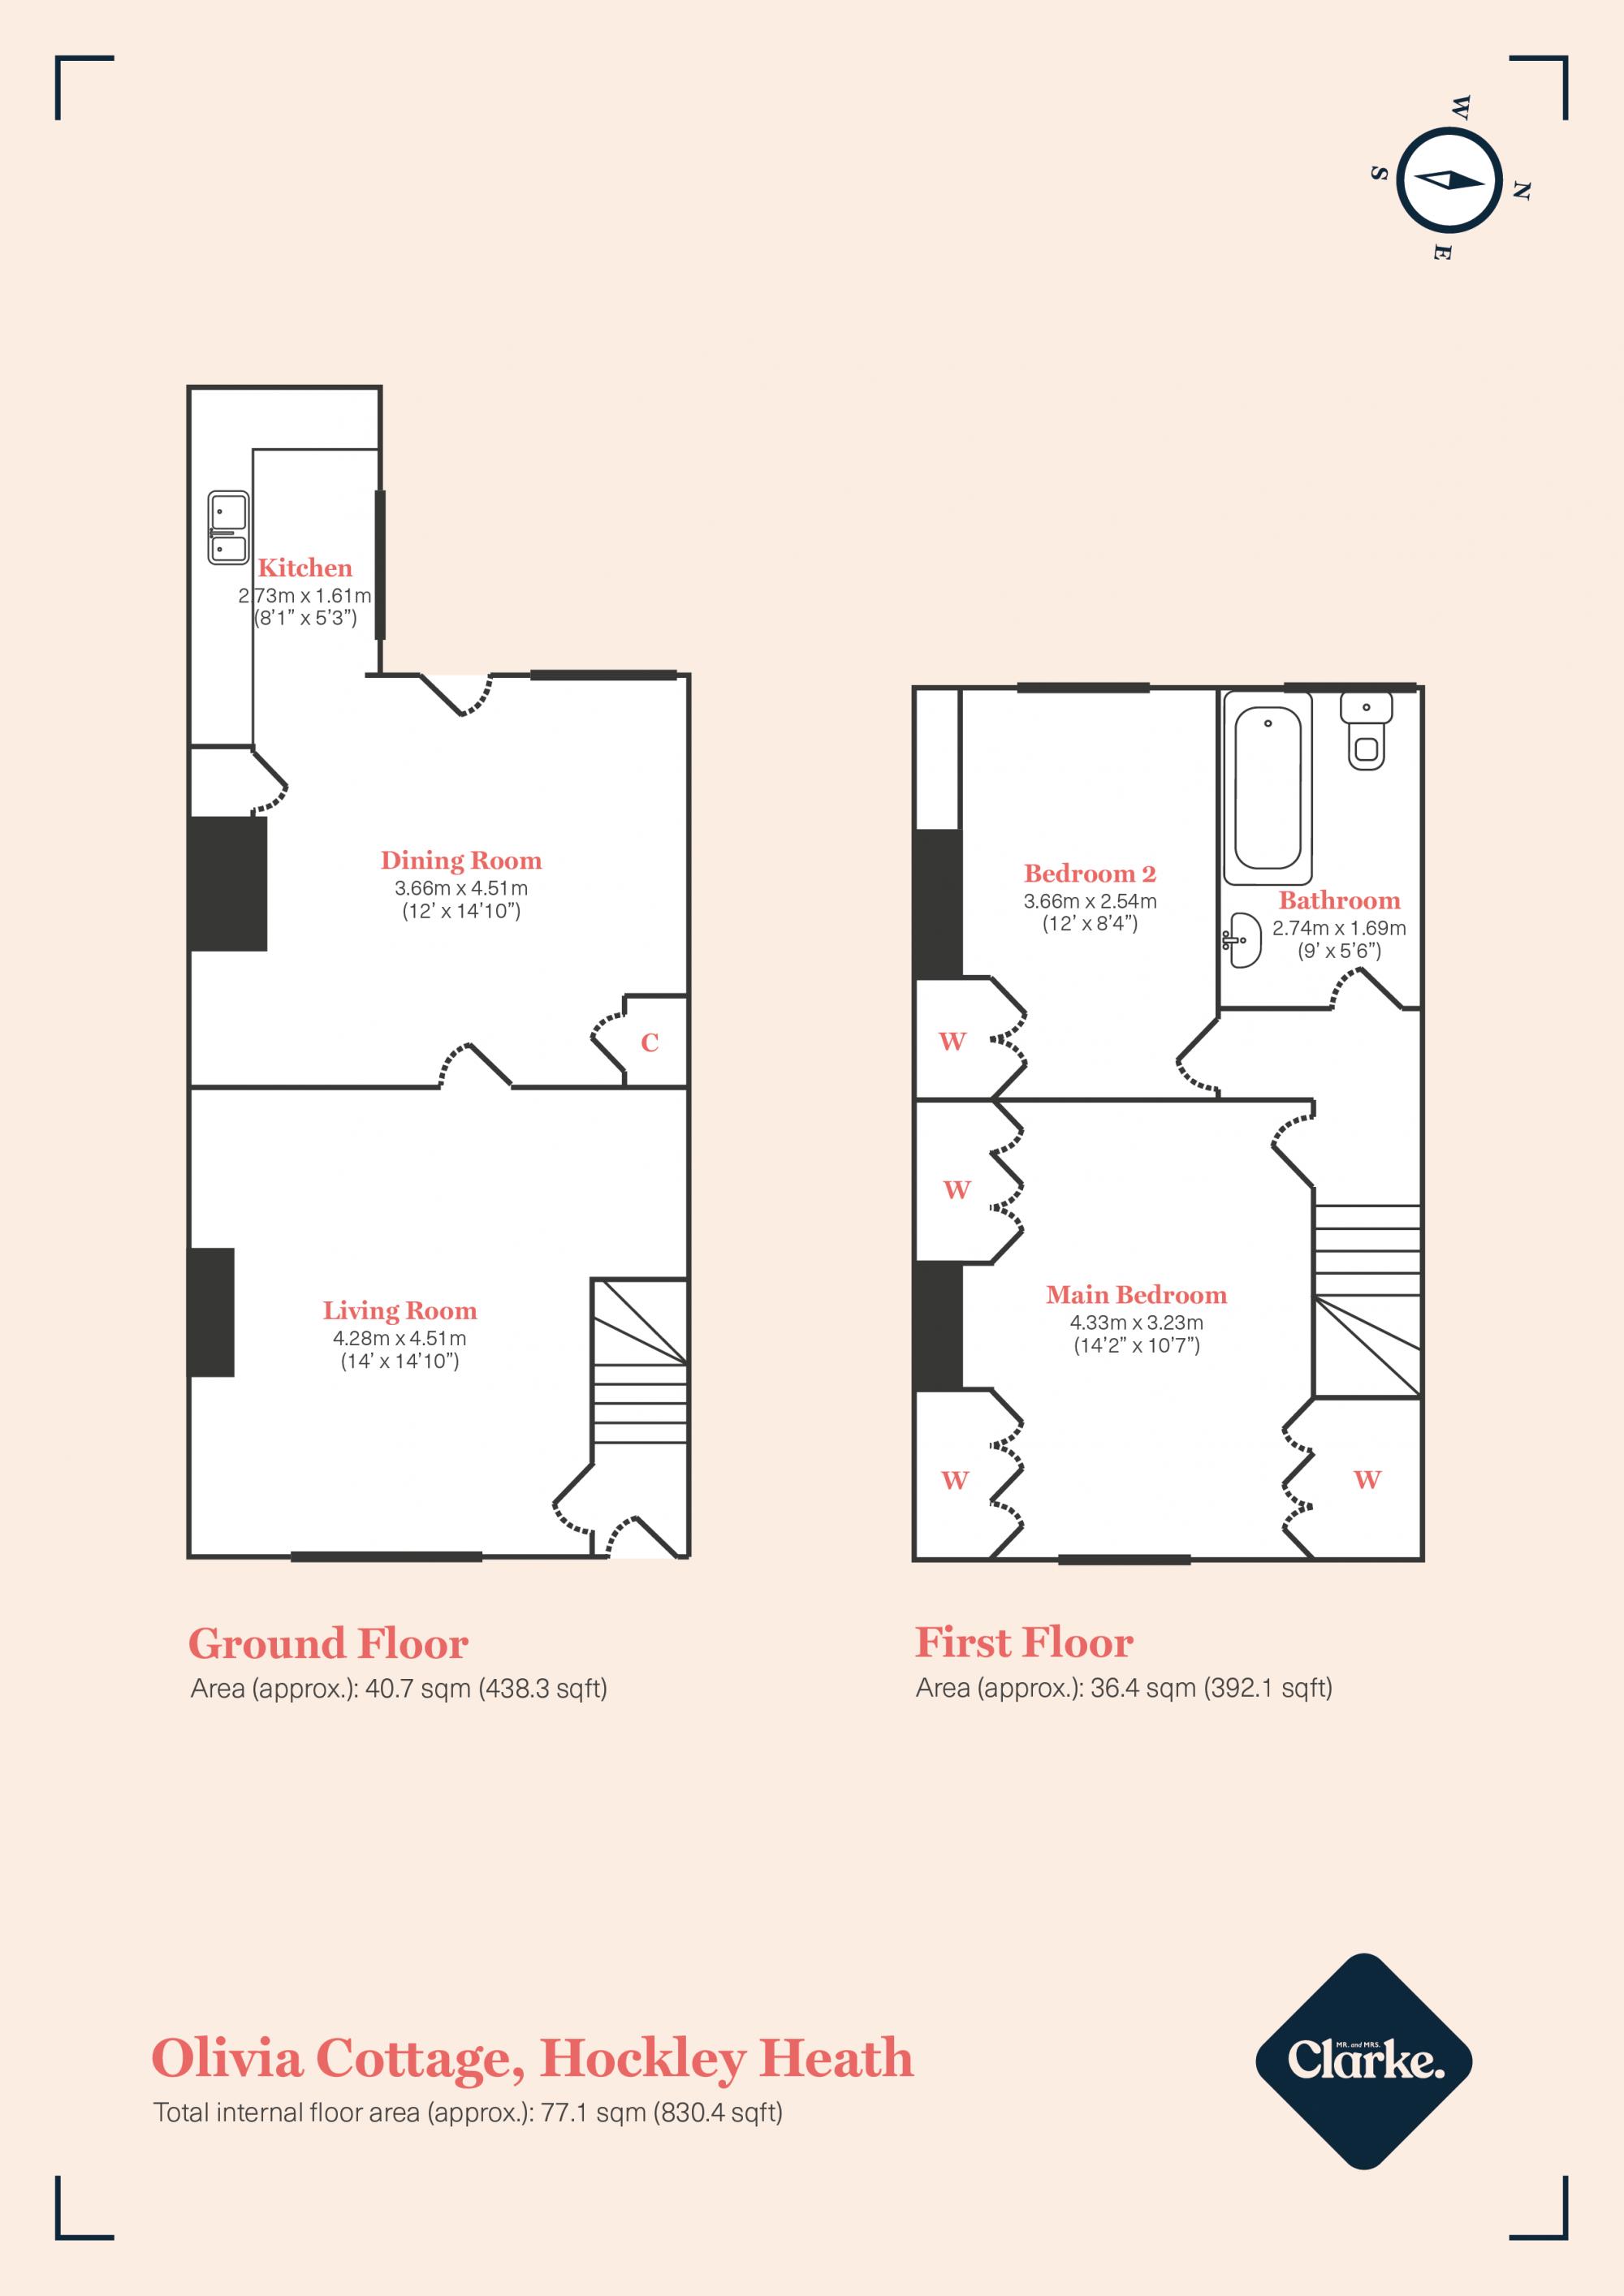 Olivia Cottage, Hockley Heath. Floorplan.